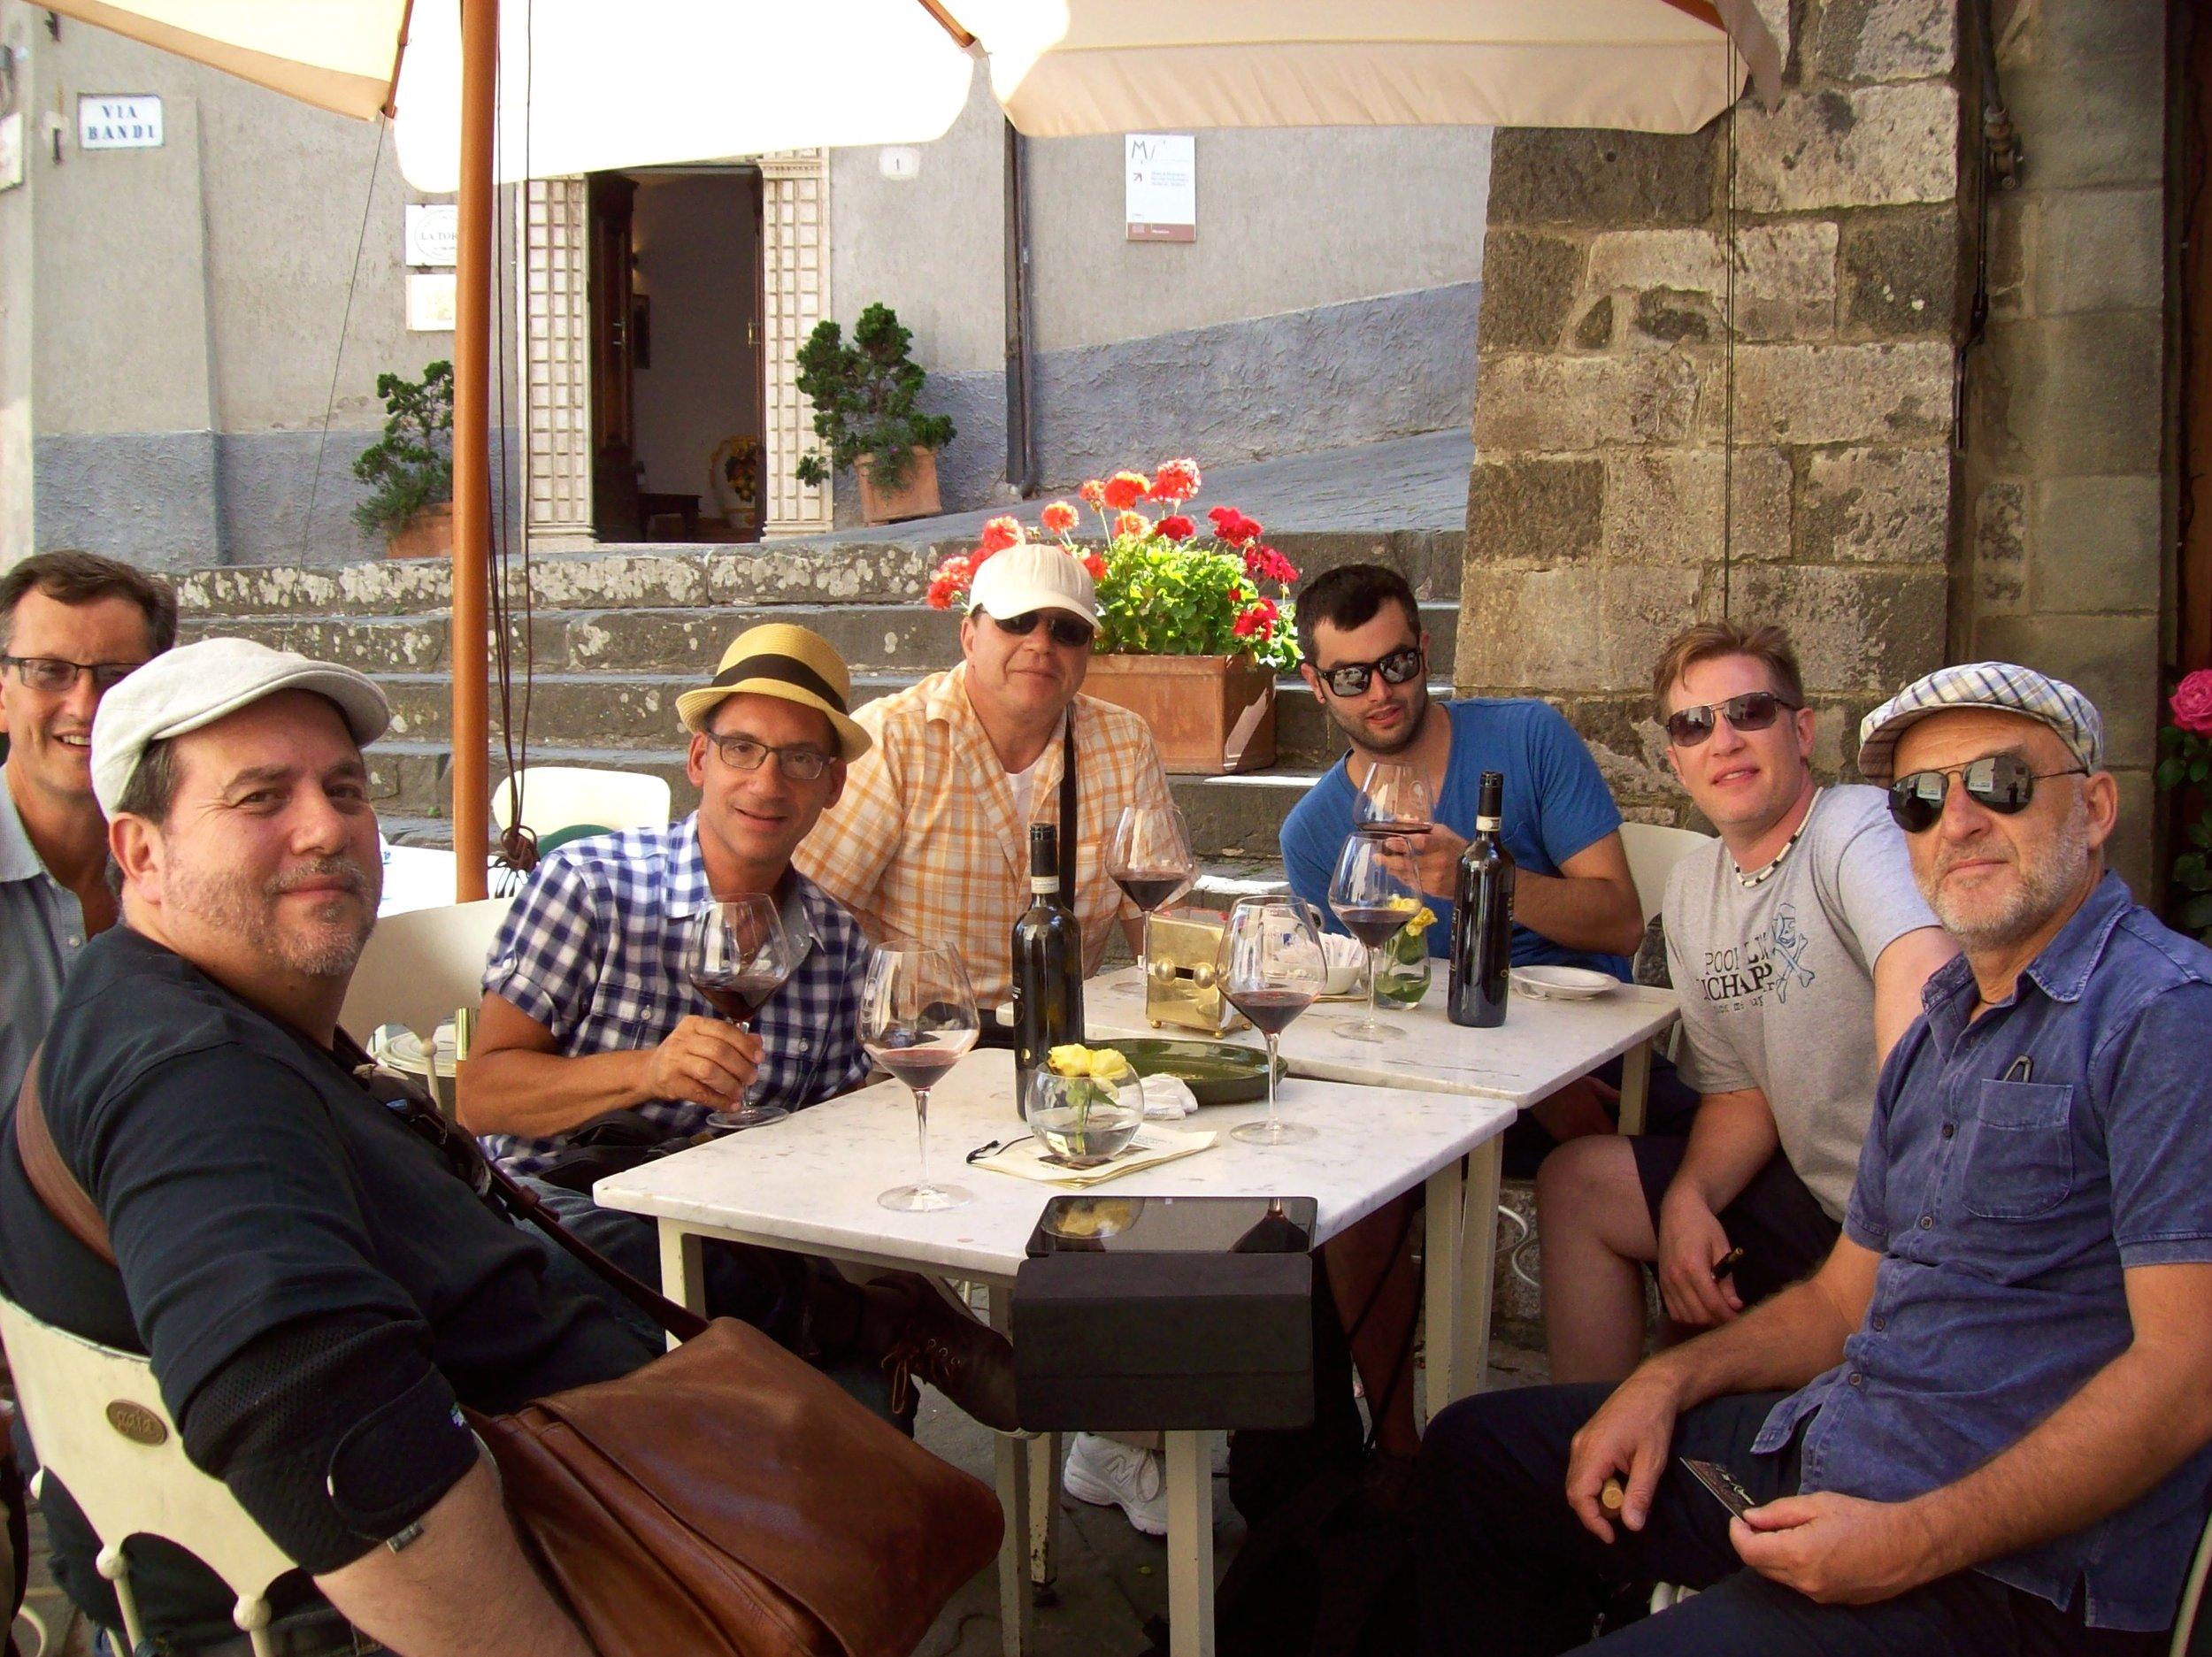 CRO 7-9-14 Italy 2014 - 146.JPG